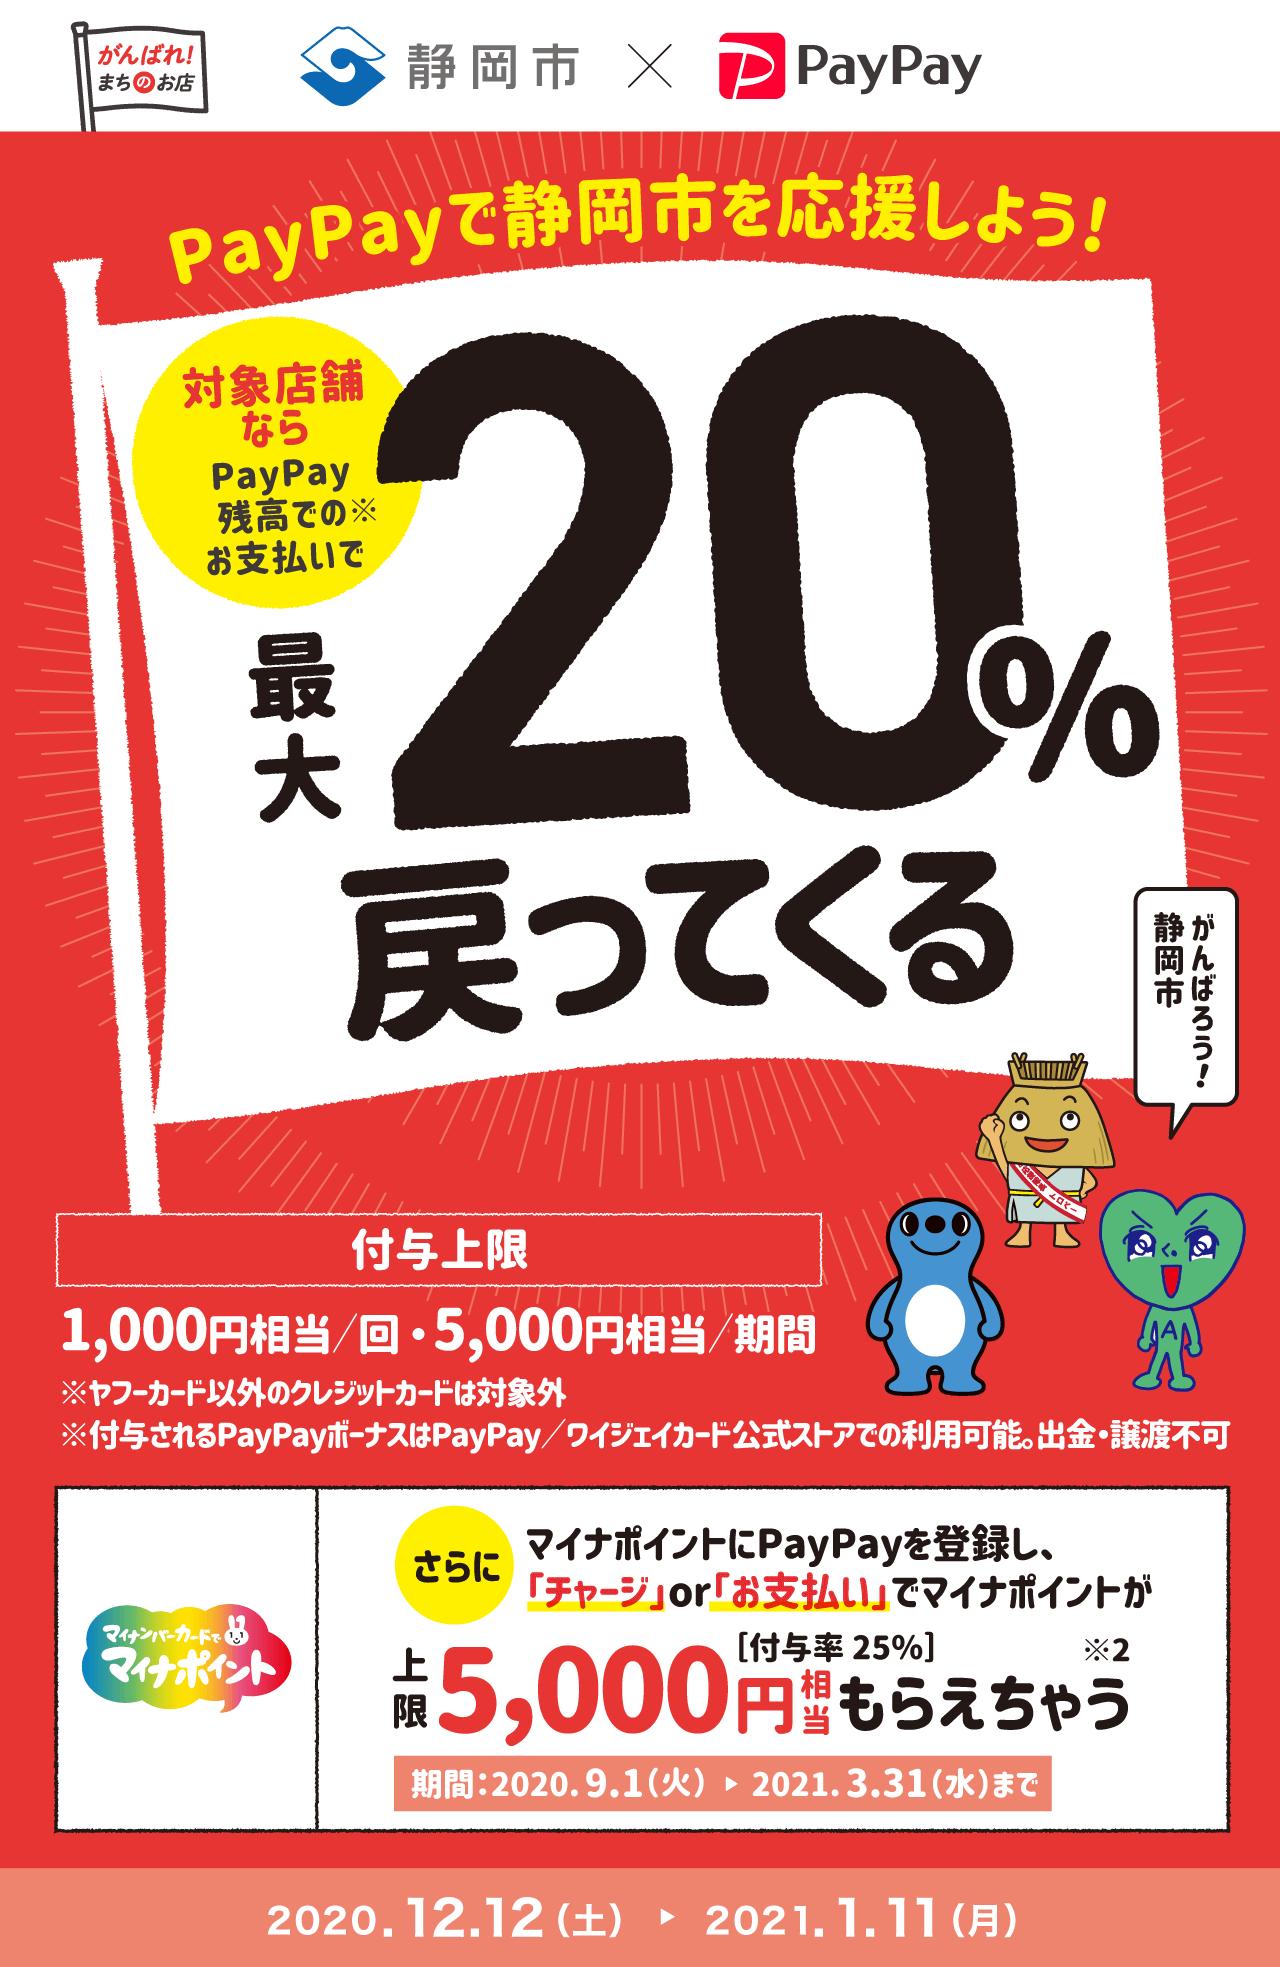 エール静岡!対象のお店で最大20%戻ってくるキャンペーン